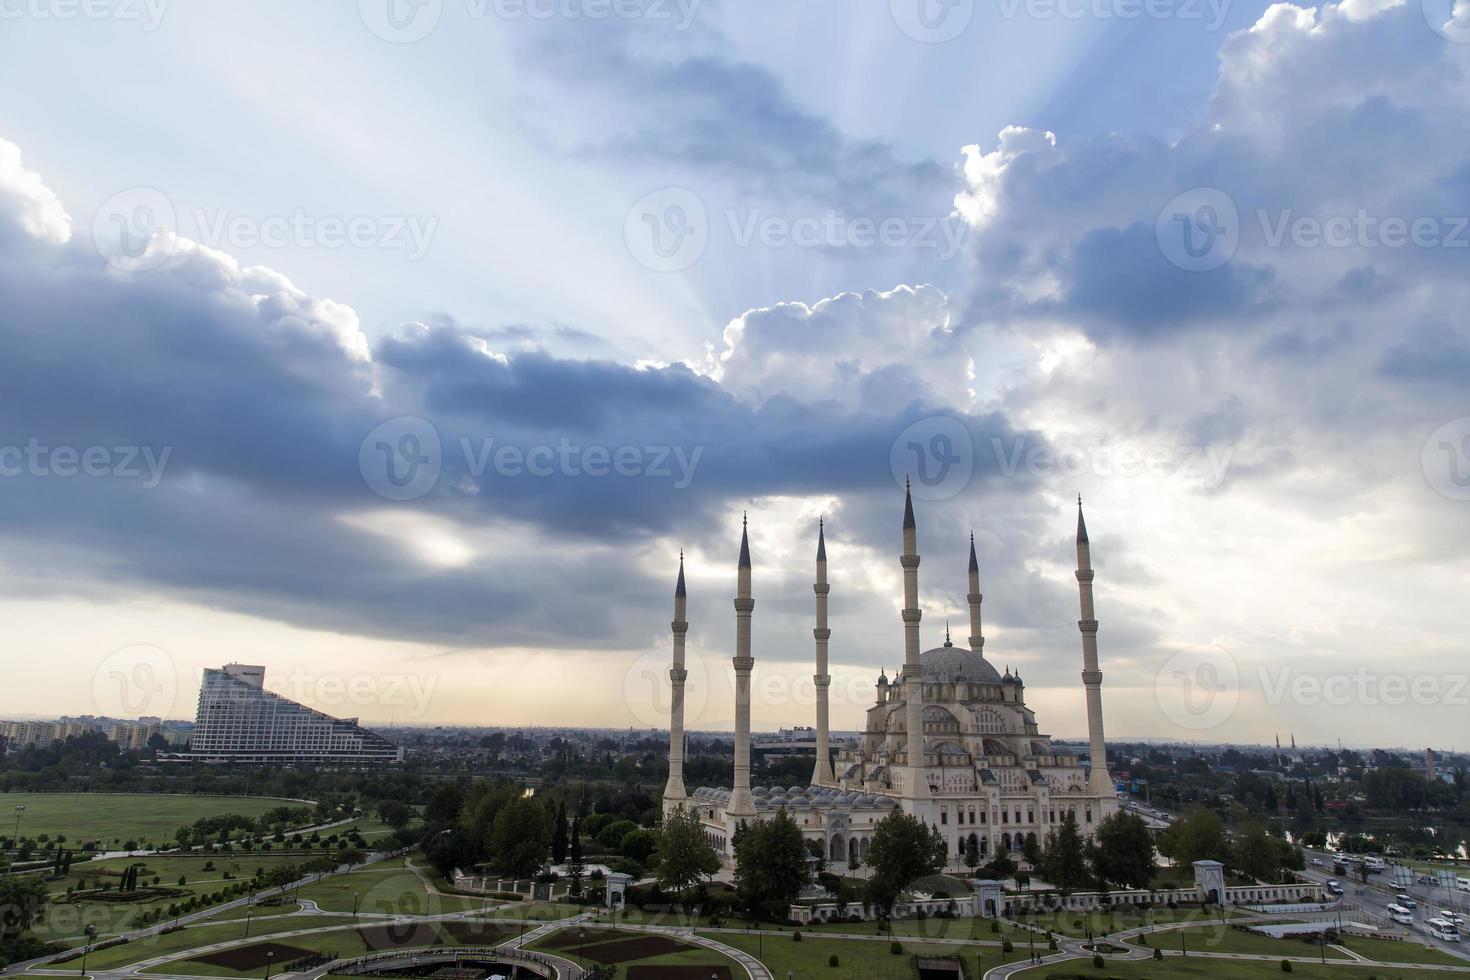 central mosque in Adana Turkey photo